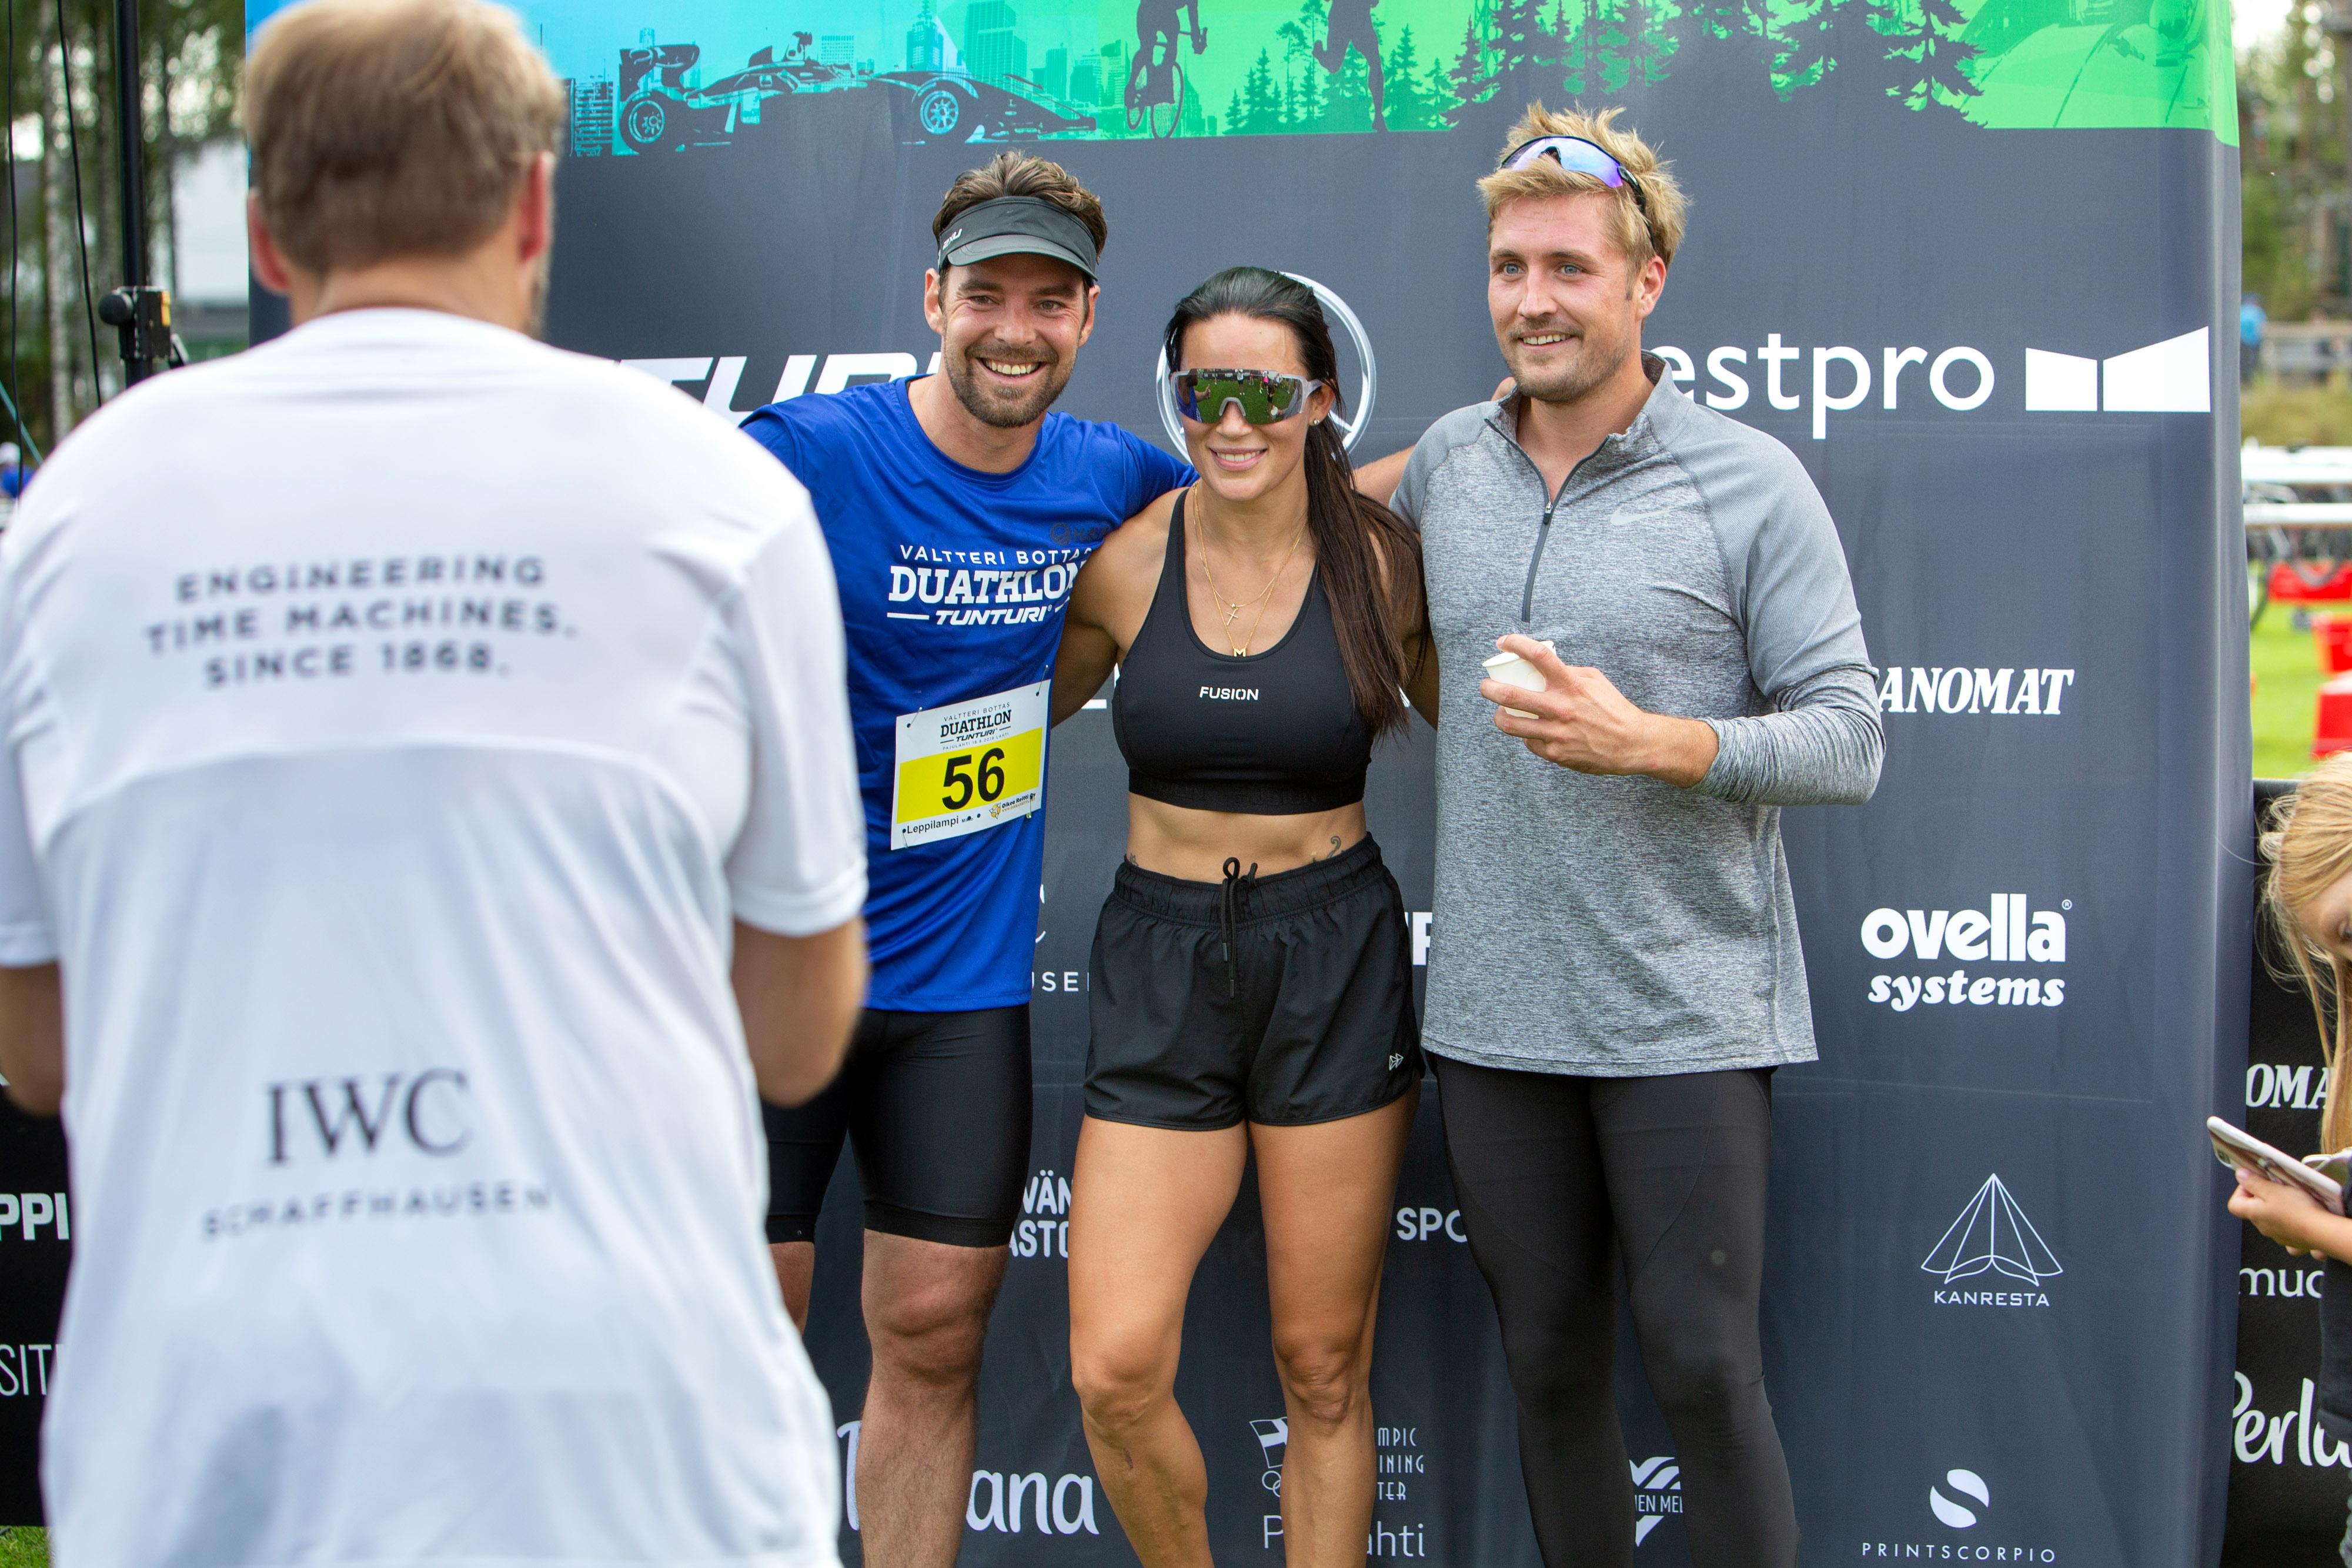 Maalissa oli helppo hymyillä. Vasemmalta oikealle Mikko Leppilampi, Martina Aitolehti ja Stefan Therman.